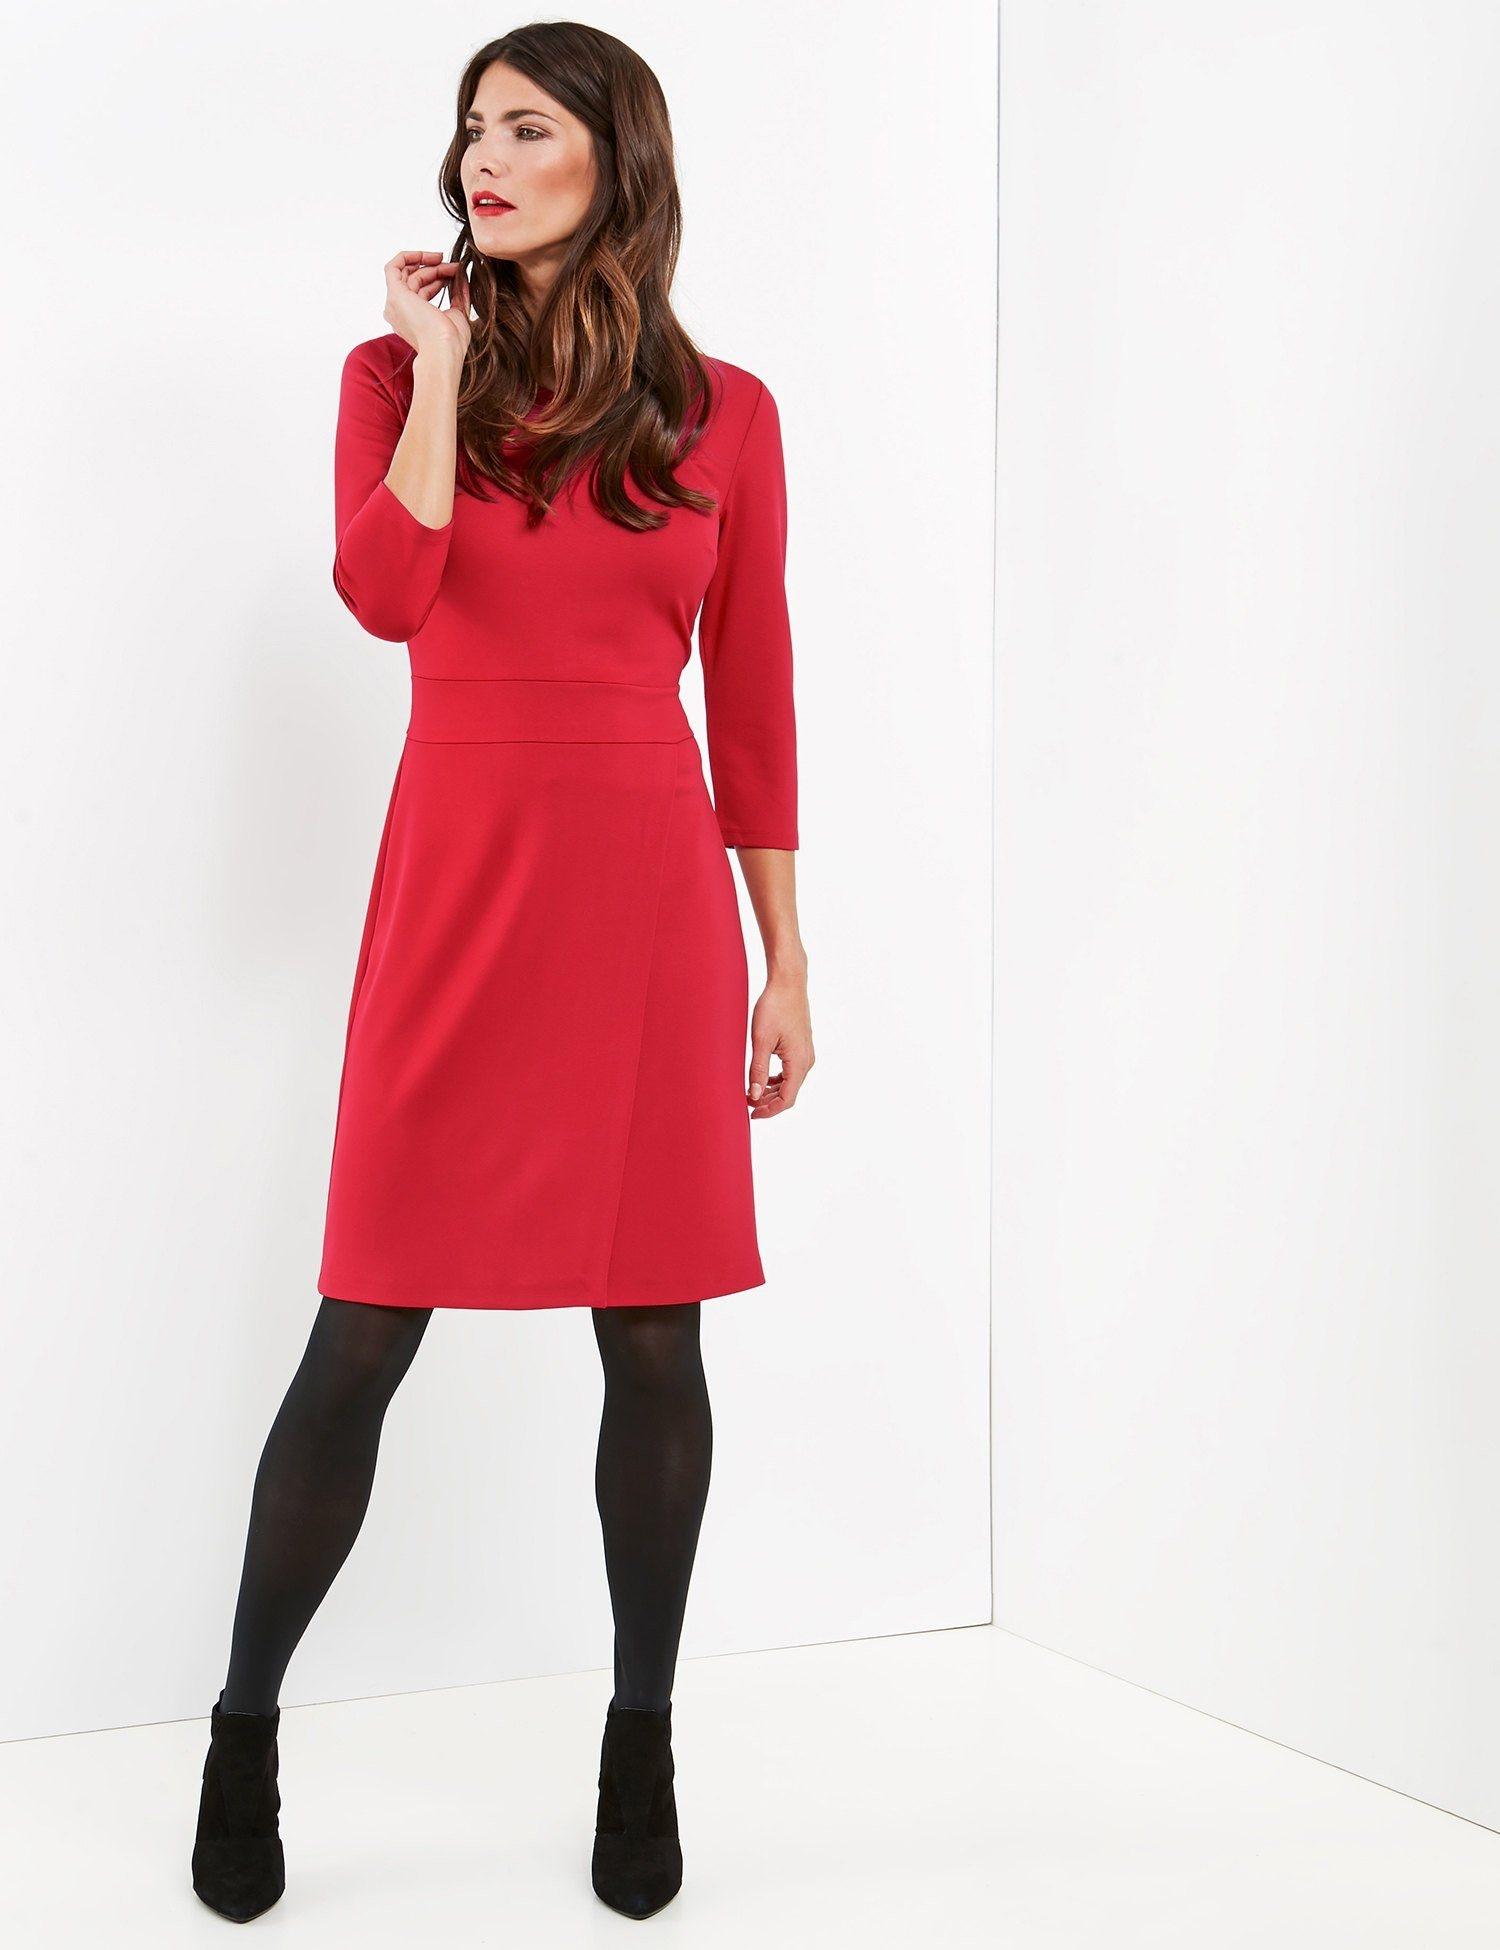 Gerry Kleid Weber Bequem Gewirke »tailliertes Kleid« Kaufen Online WEIbeH2D9Y